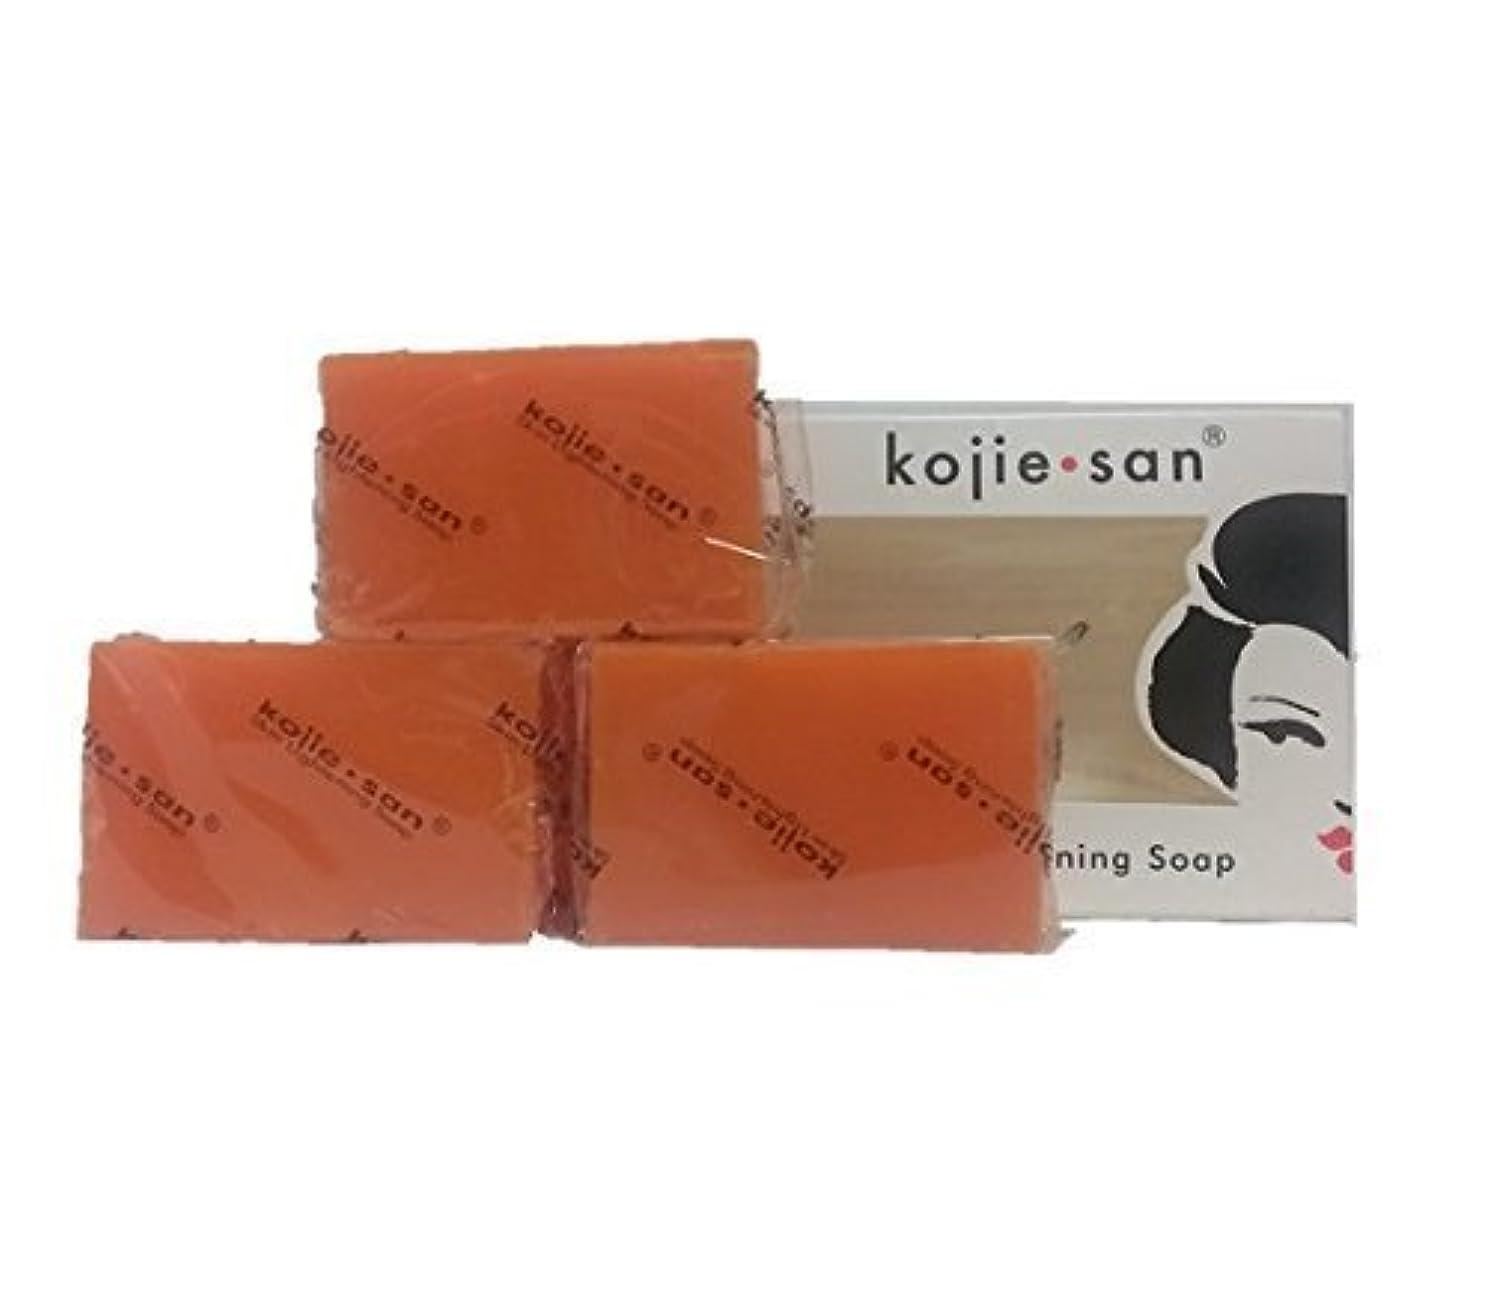 すべてアレイ税金Kojie san Skin Lightning Soap 3 pcs こじえさんスキンライトニングソープ3個パック [並行輸入品]